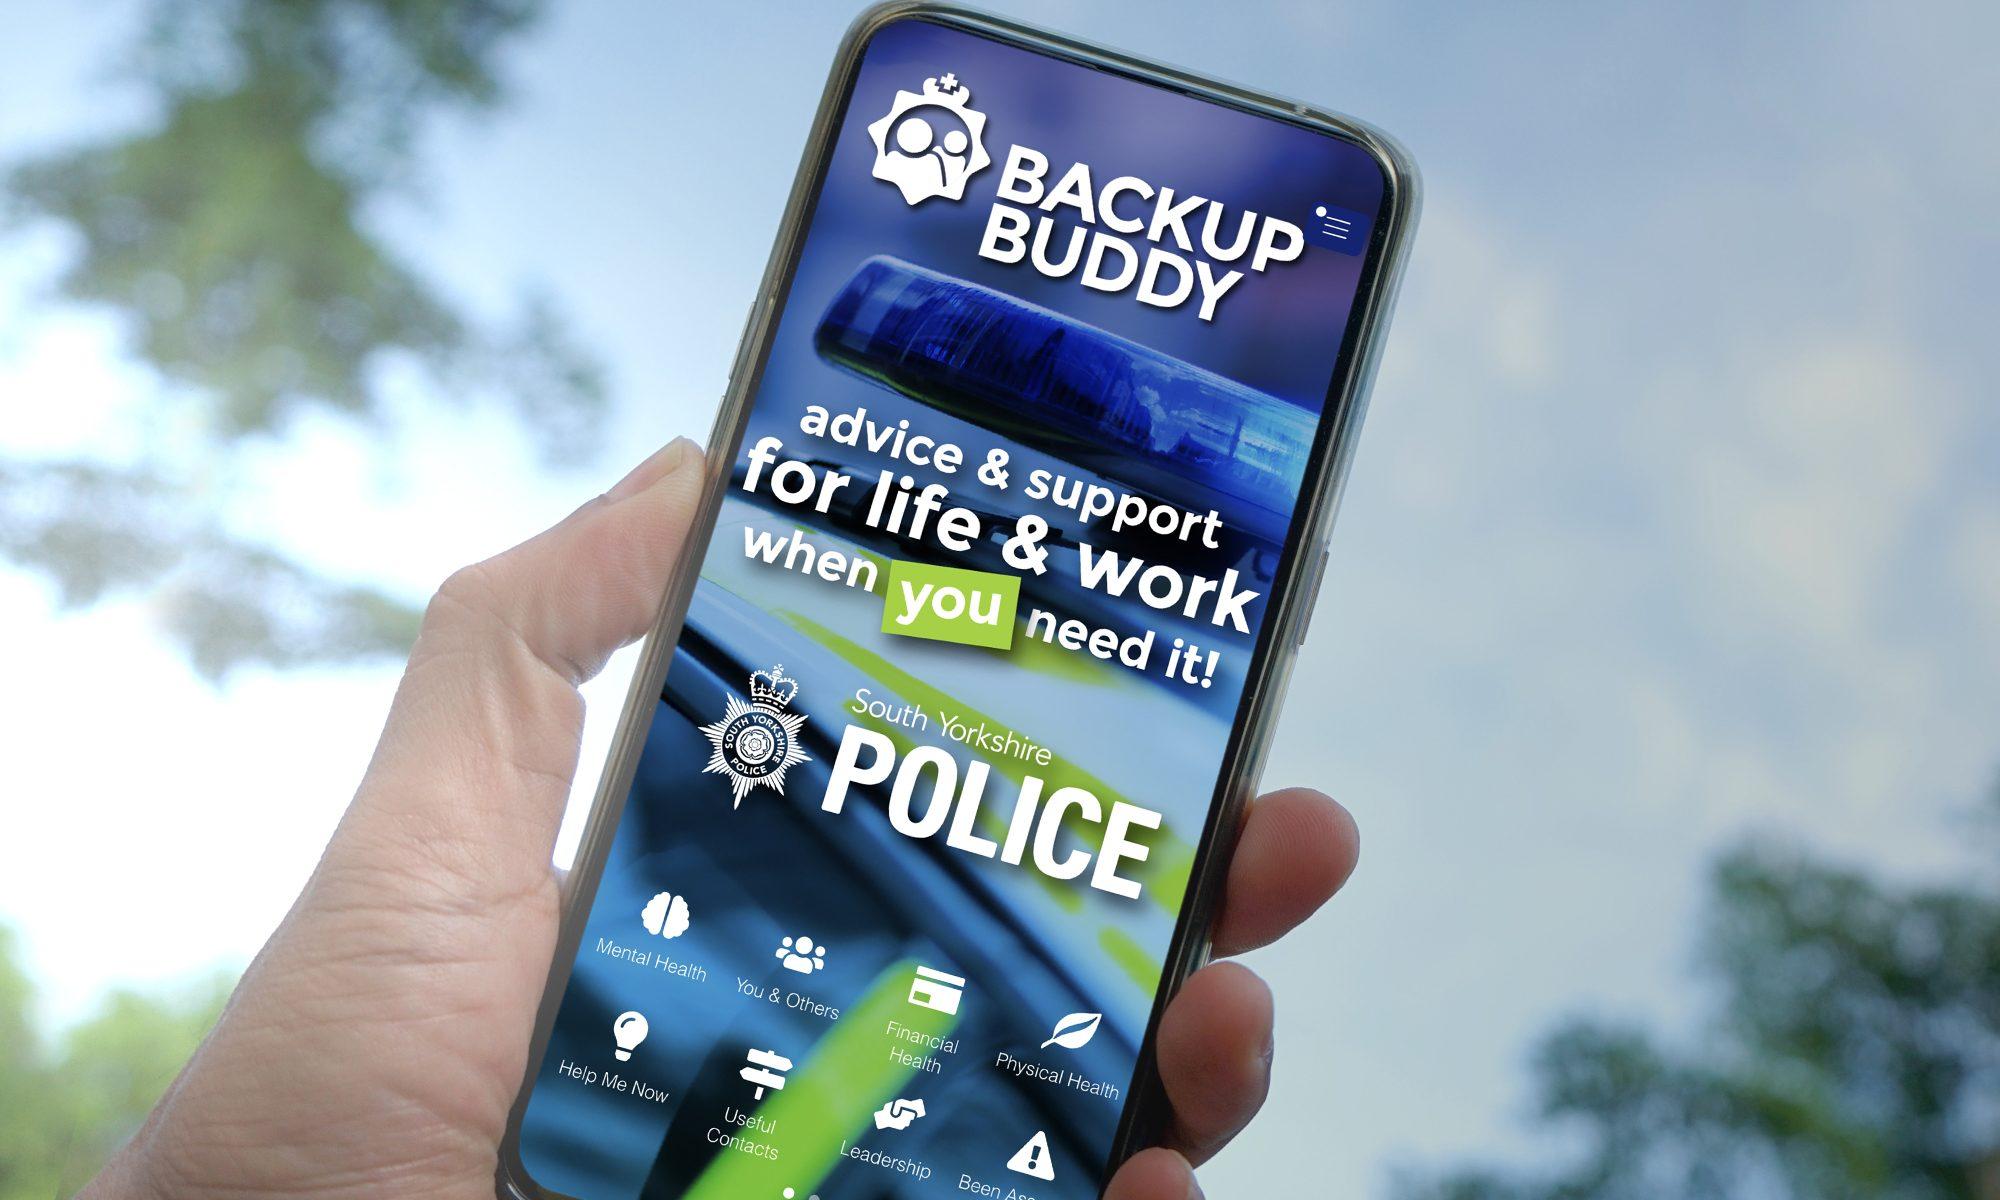 Backup Buddy UK